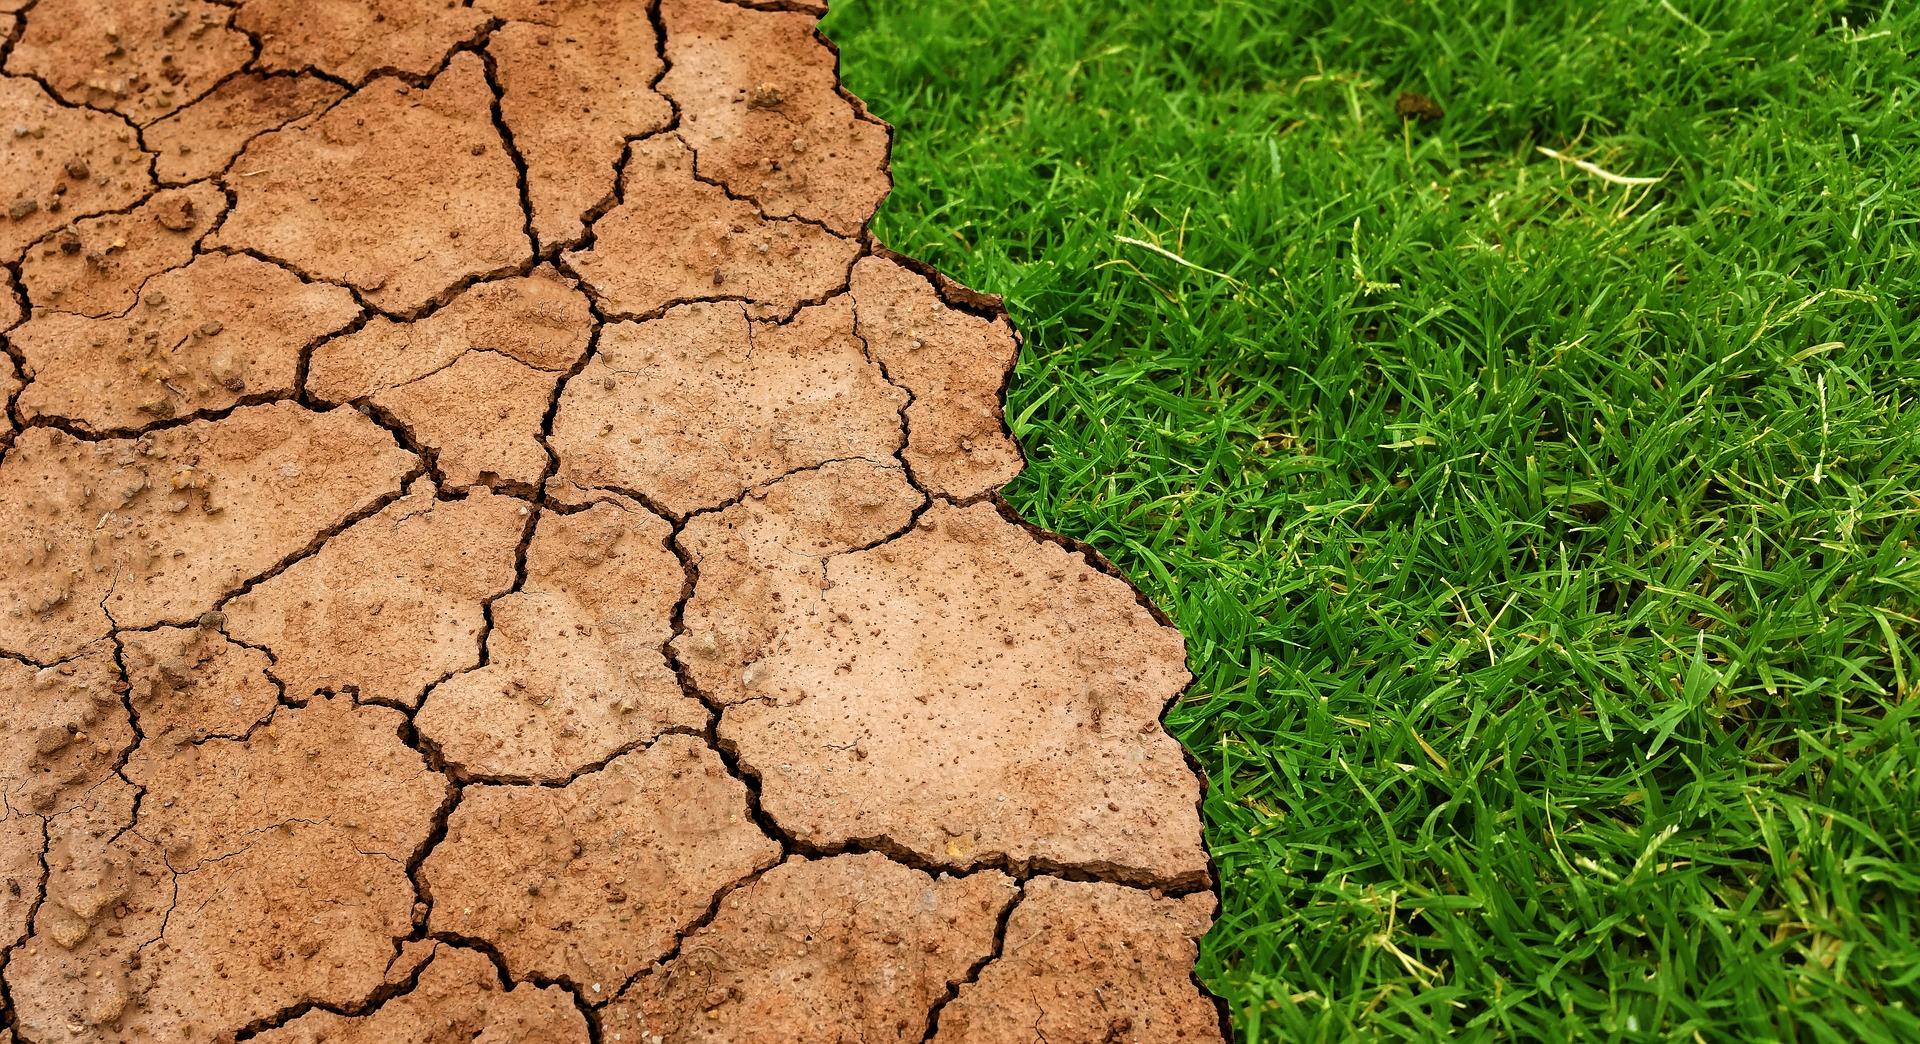 Klimanotstand in Speyer und klimaschonende Ernährung in öffentlichen Einrichtungen